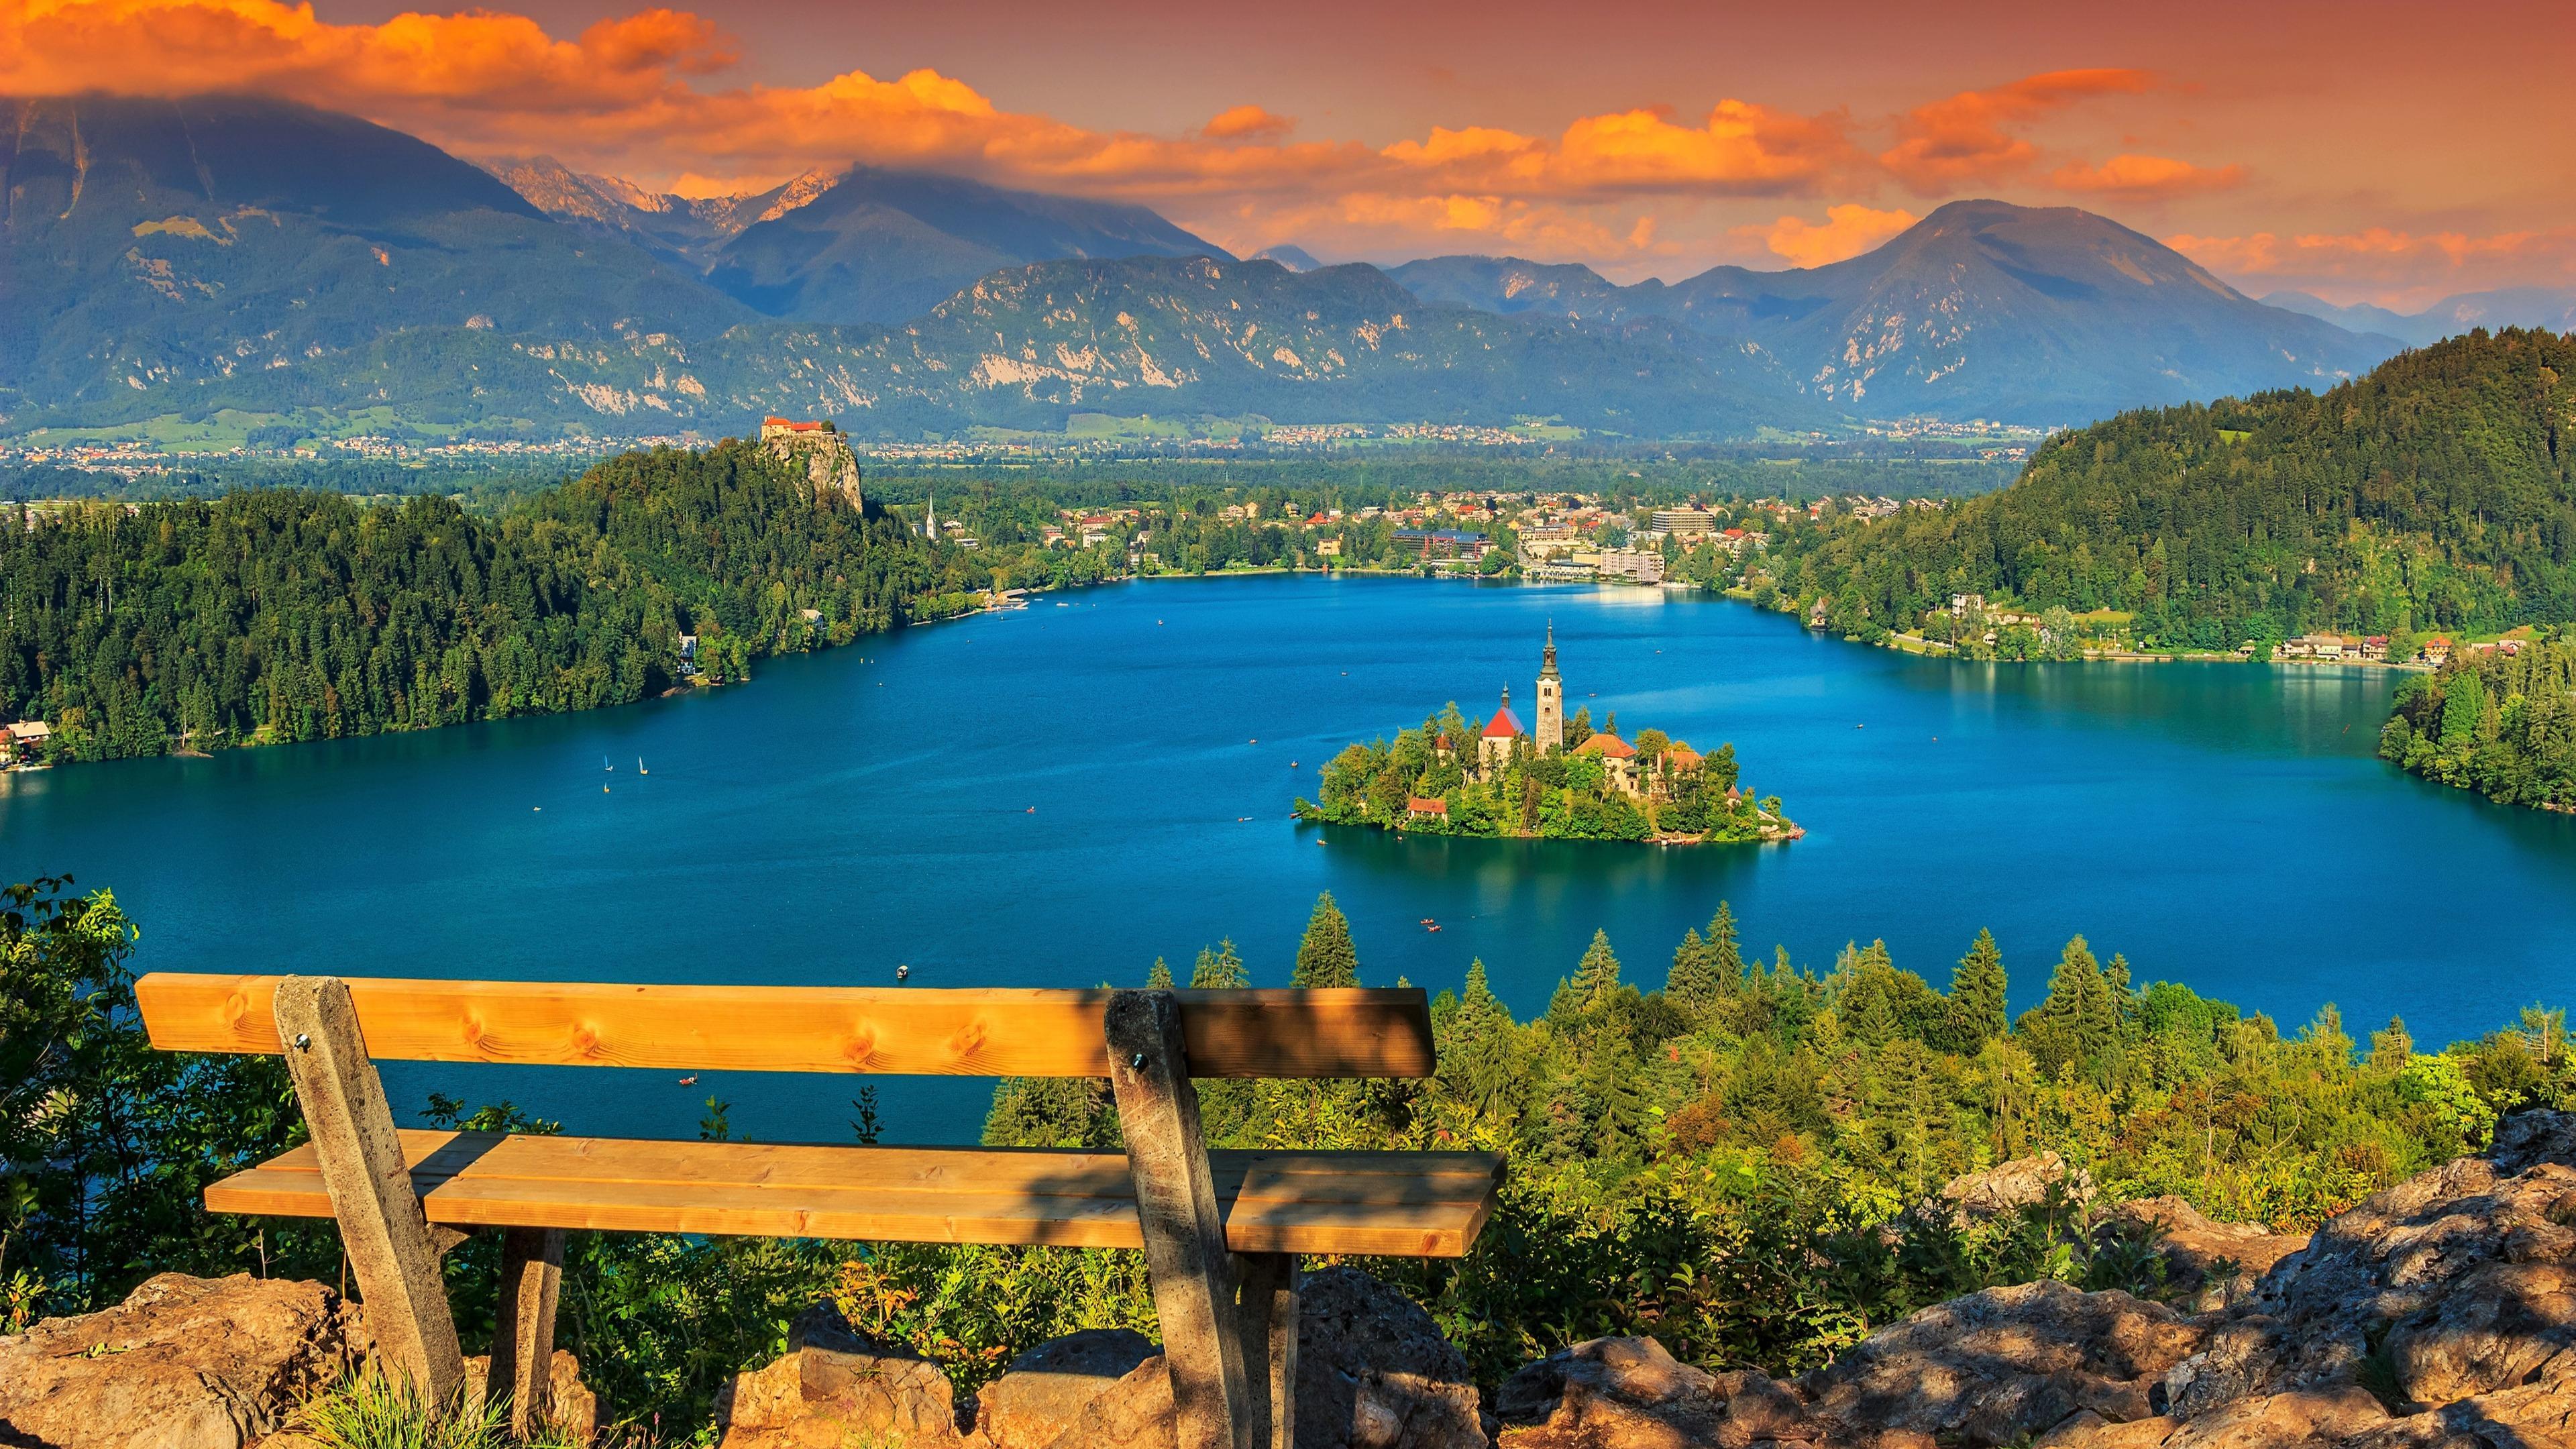 Panoramic view wallpaper